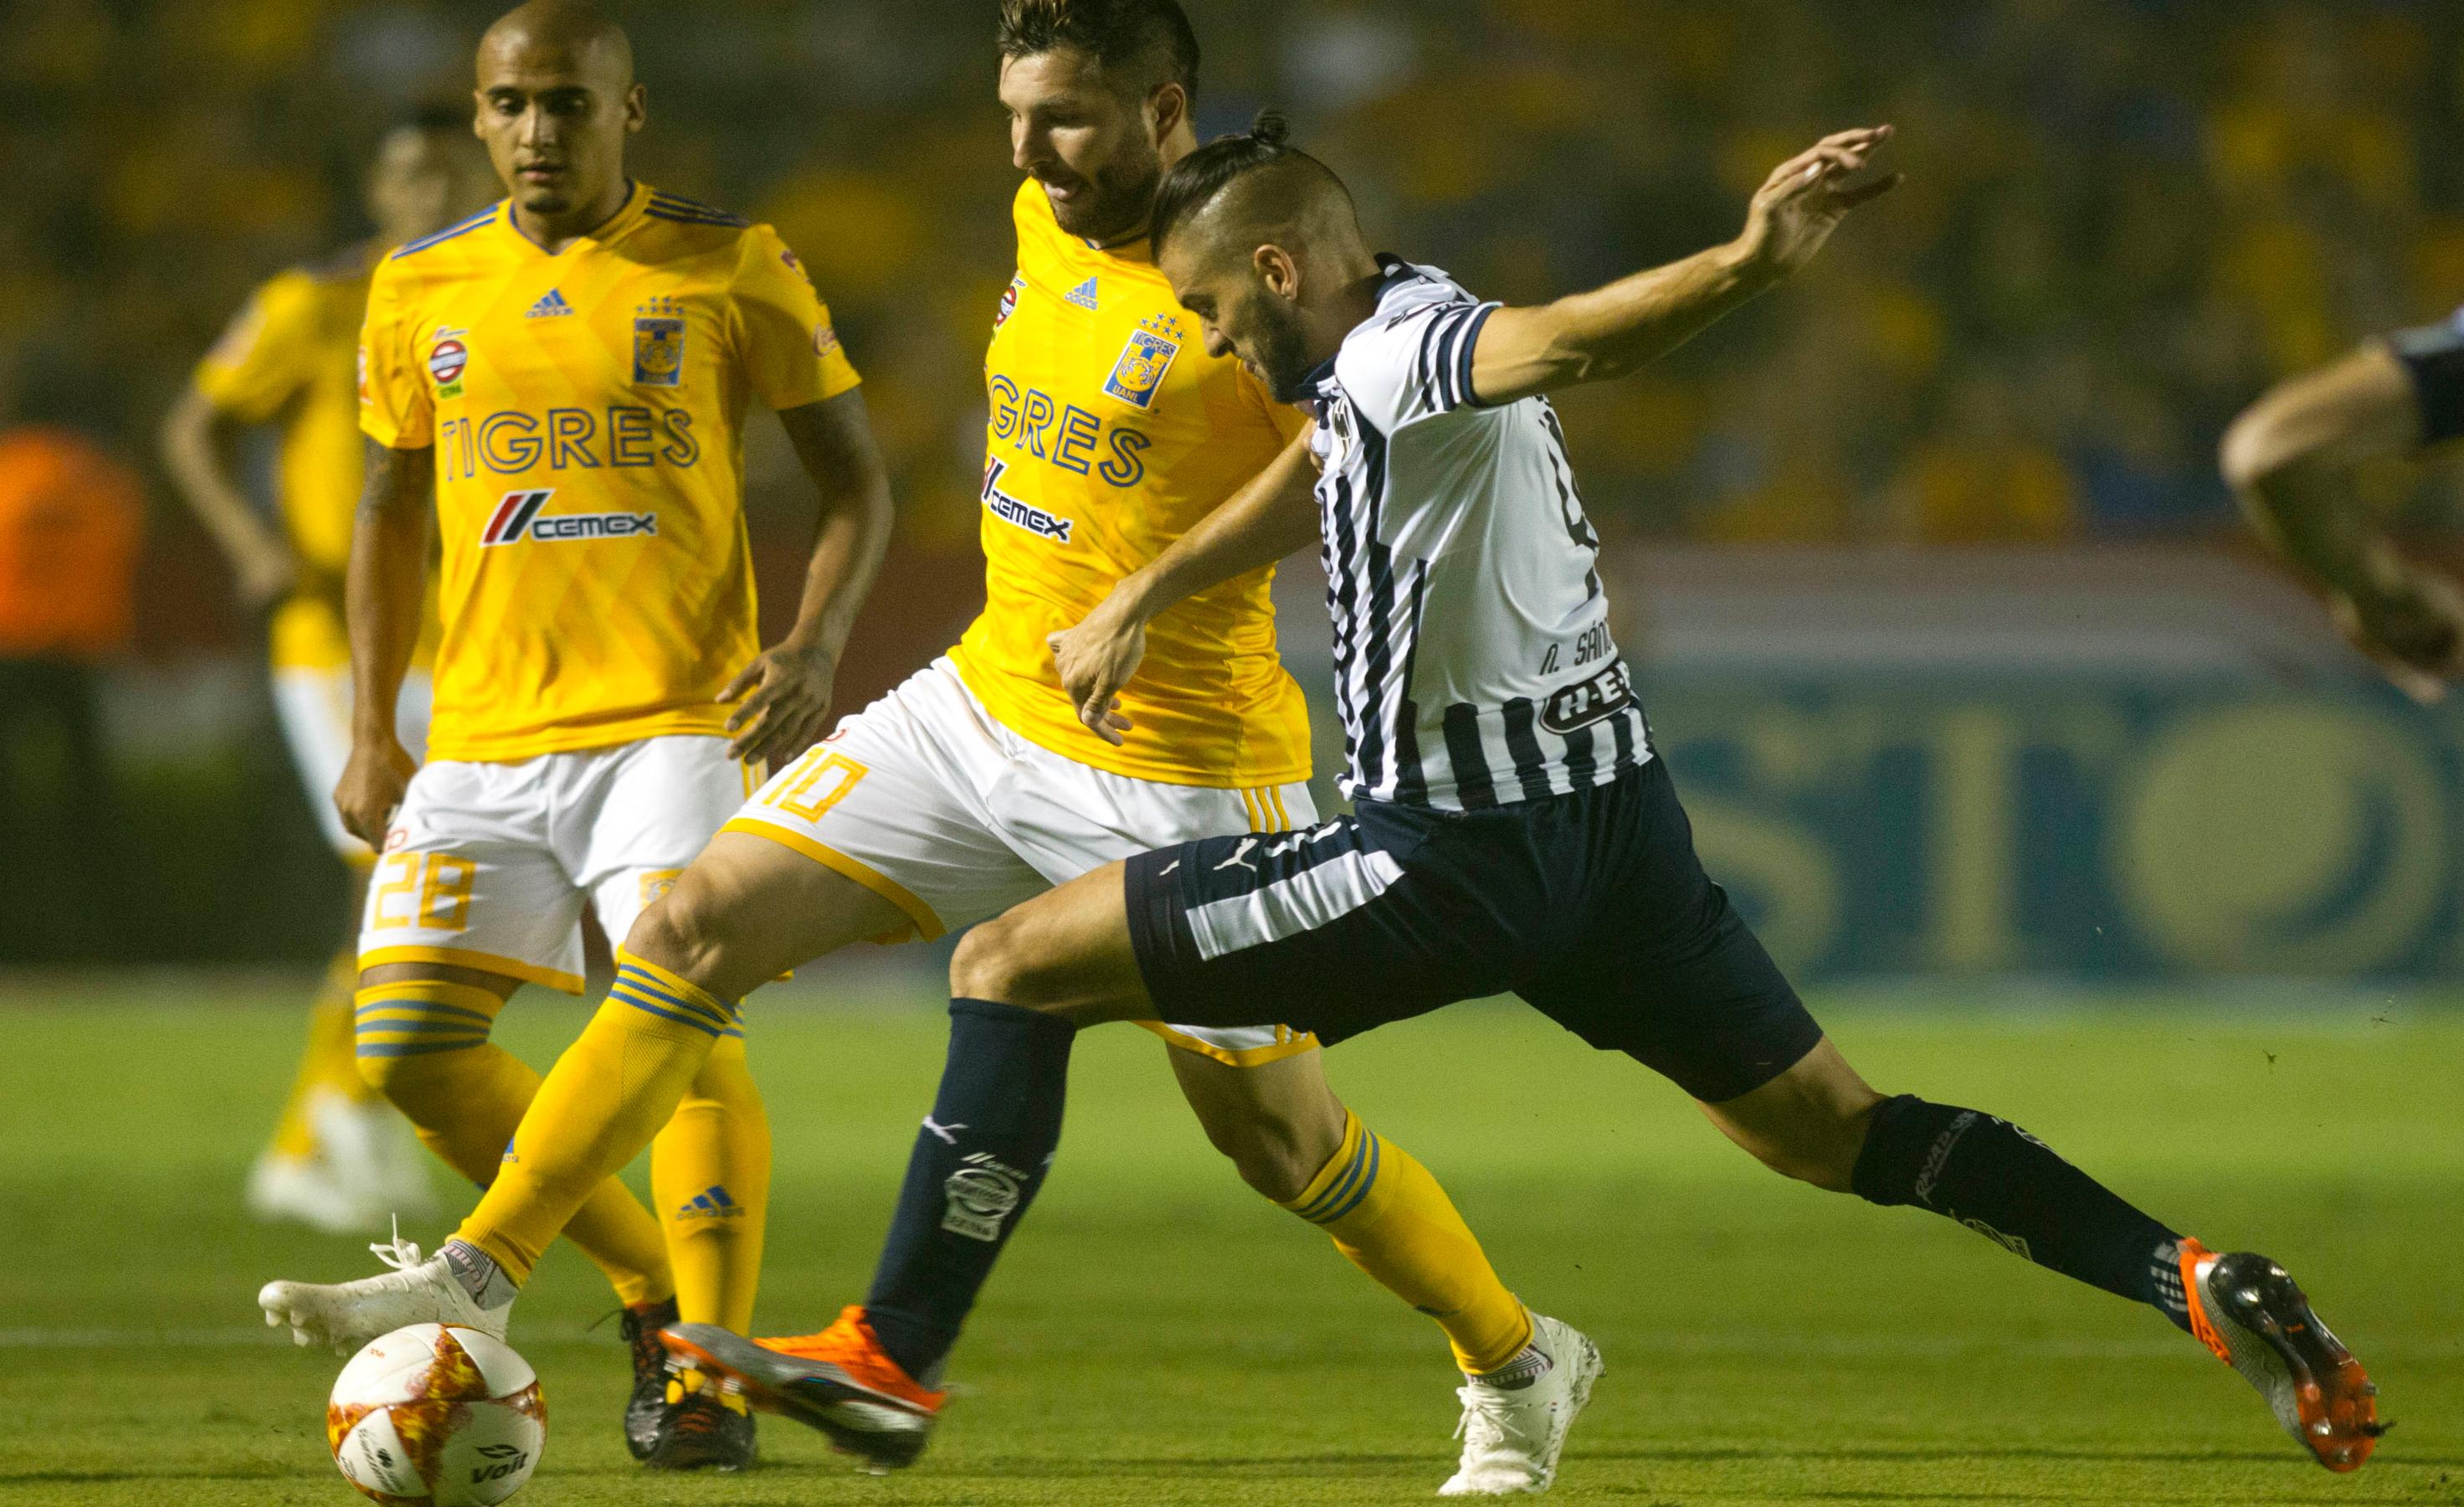 El partido de ida entre Tigres y Rayados de Monterrey se jugará este miércoles (Foto: Cuartoscuro)